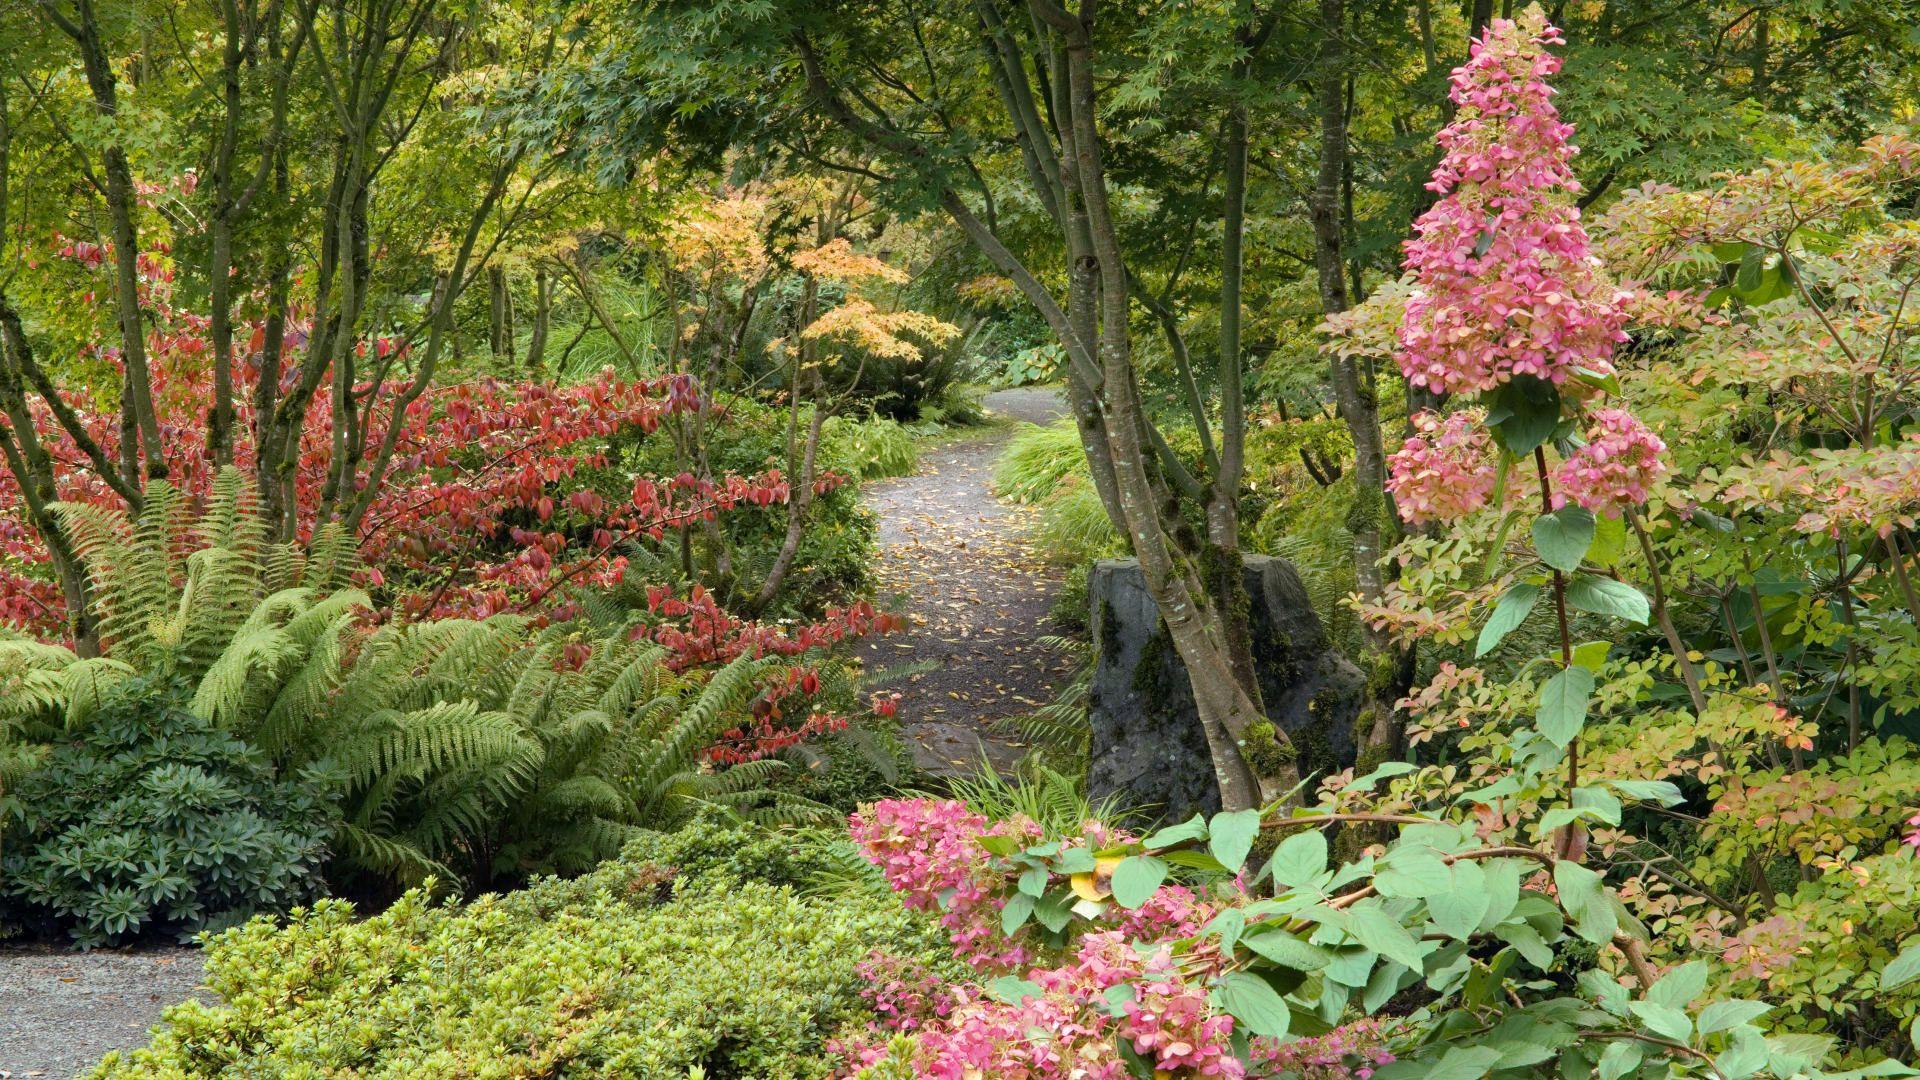 bitch-new-hd-beautiful-gardens-free-1920×1080-wallpaper-wpc5802850